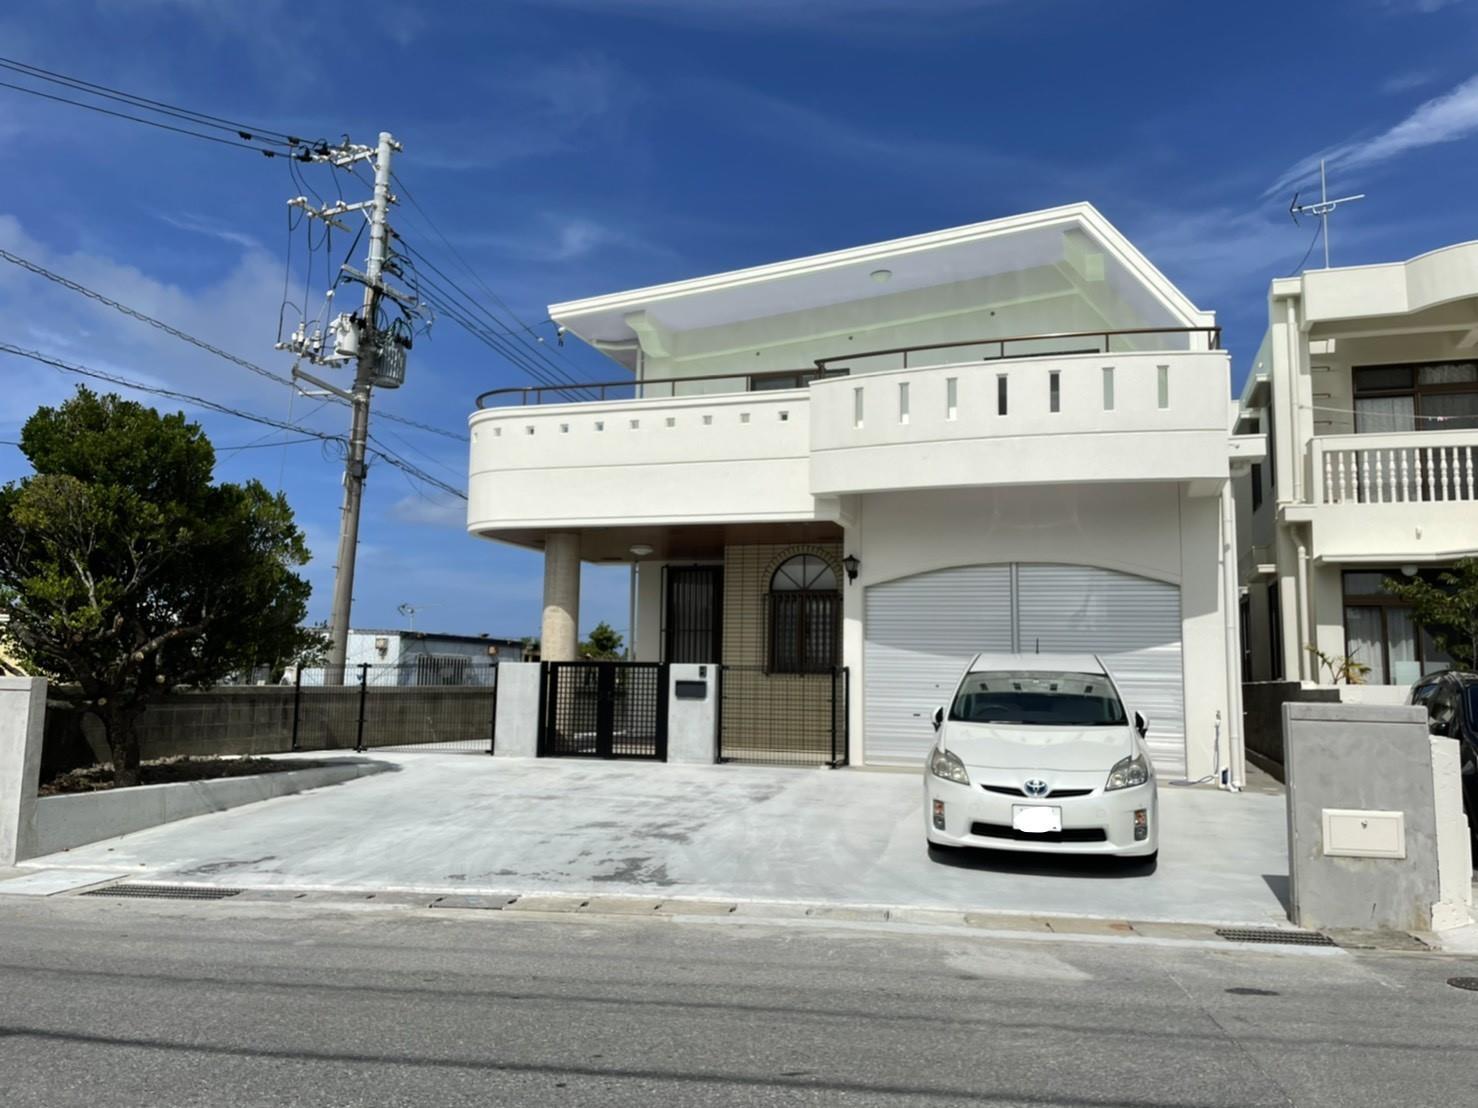 駐車場を広く(リフォーム施工事例)を公開しました。 | 沖縄や那覇でリフォームするなら【株式会社 あうん工房】